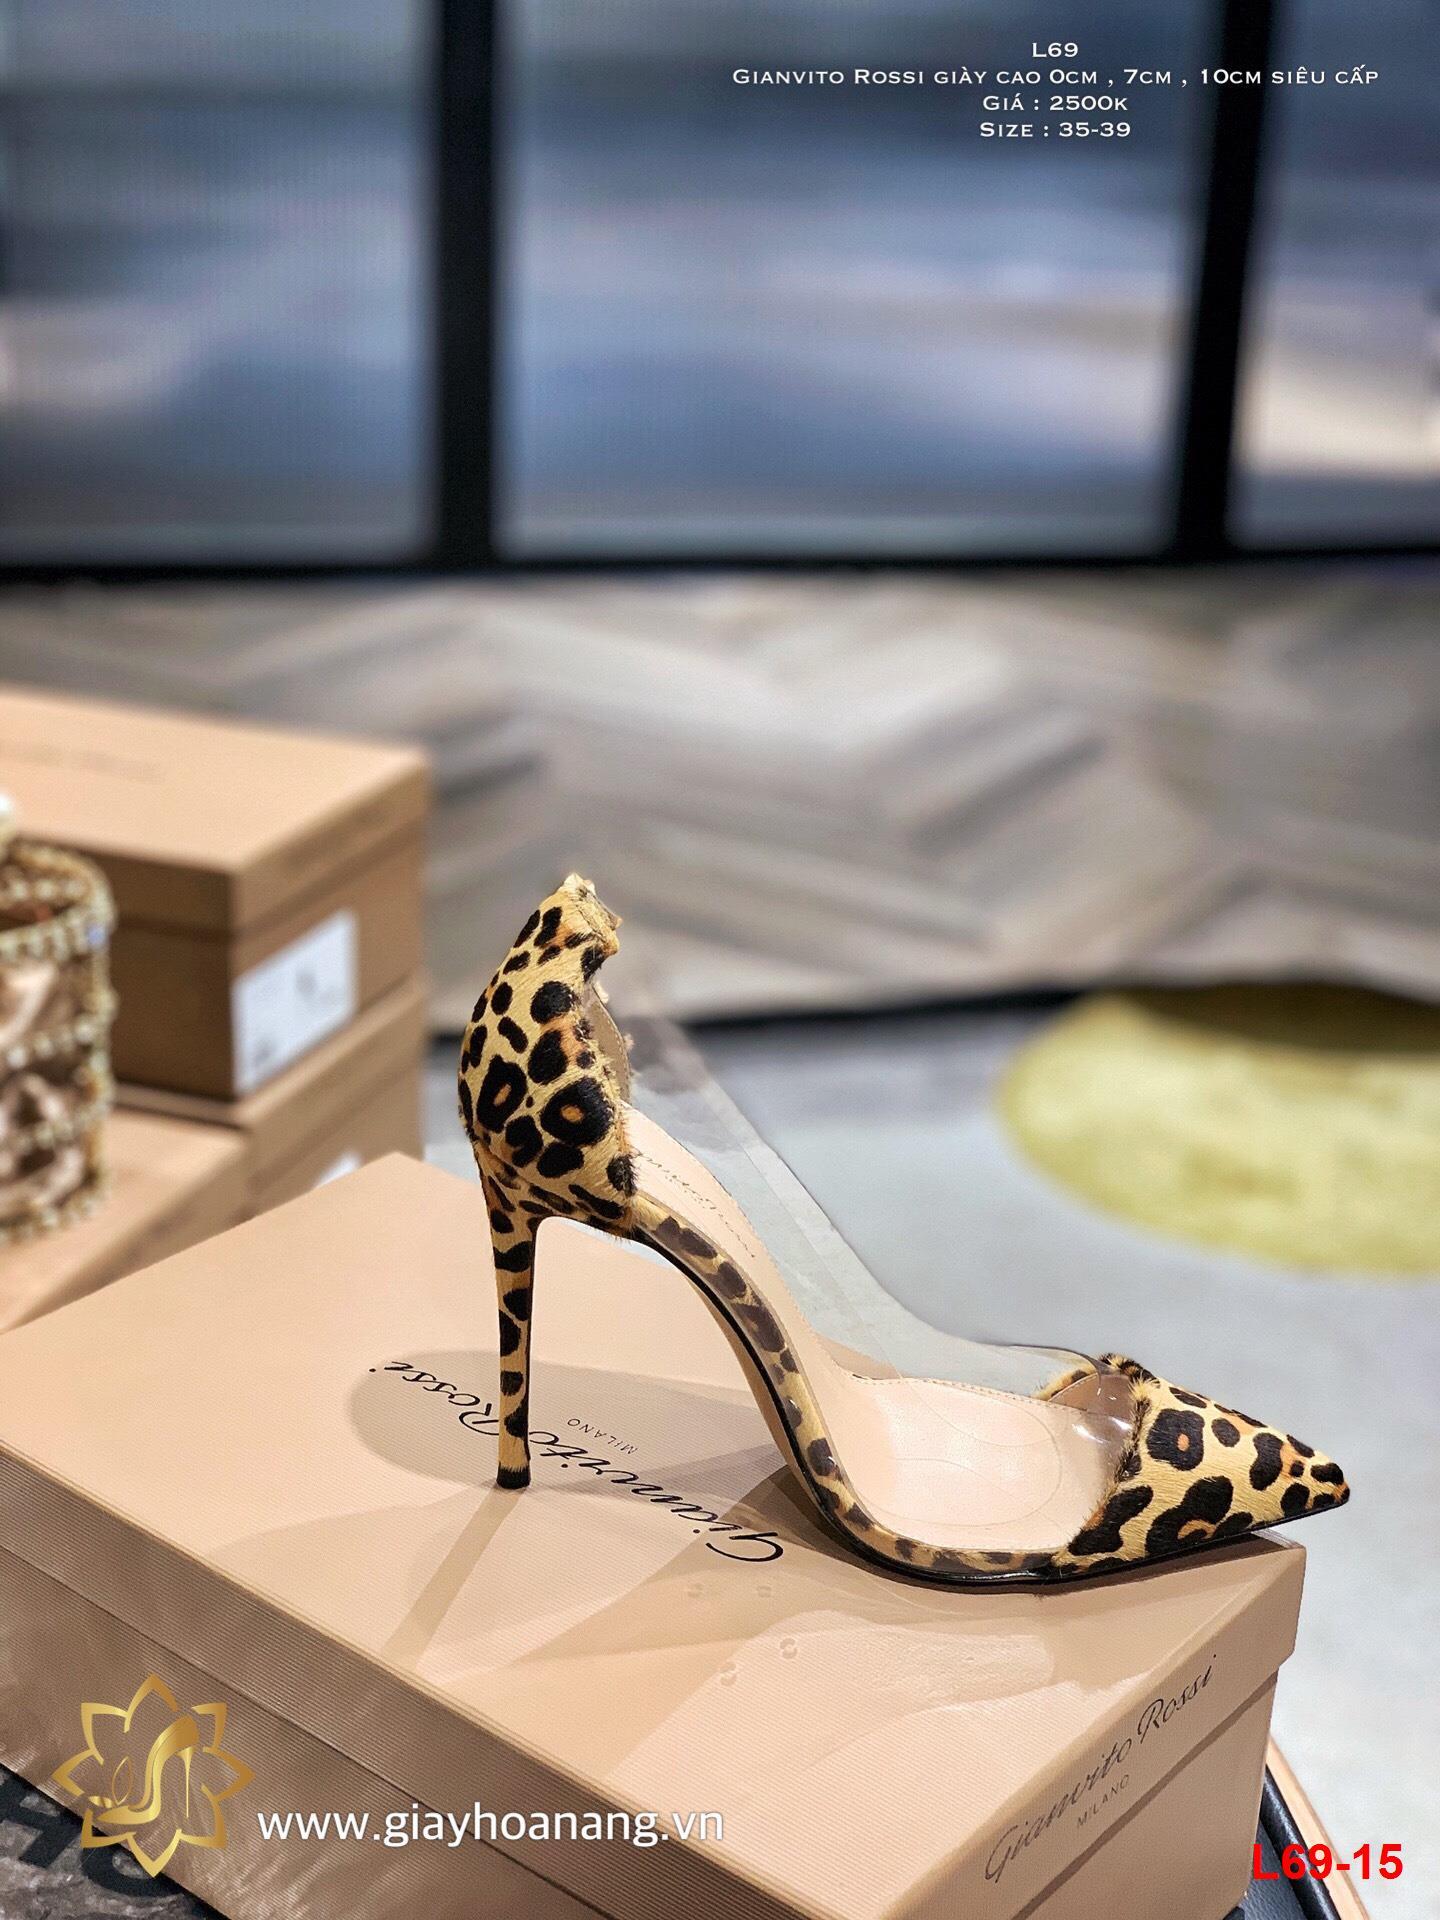 L69-15 Gianvito Rossi giày cao 0cm , 7cm , 10cm  siêu cấp